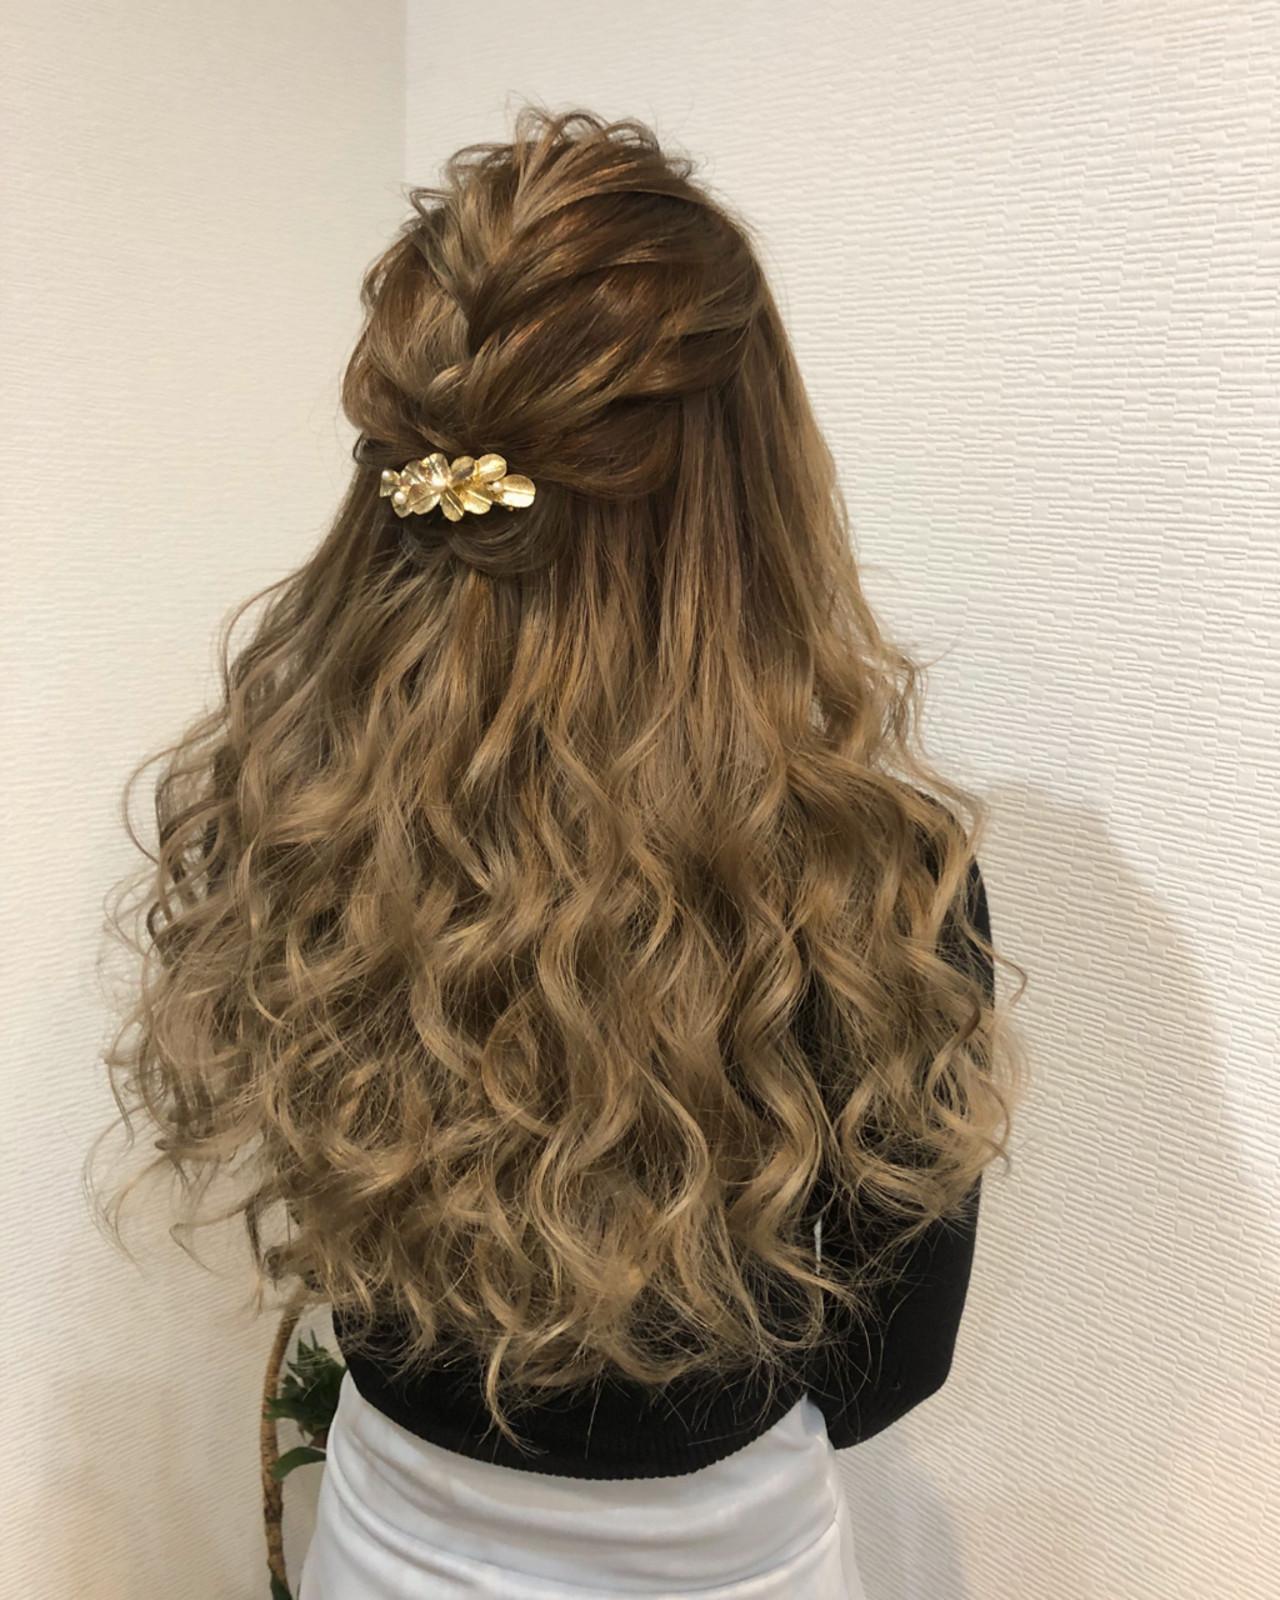 ハーフアップ ヘアアレンジ ロング フェミニン ヘアスタイルや髪型の写真・画像